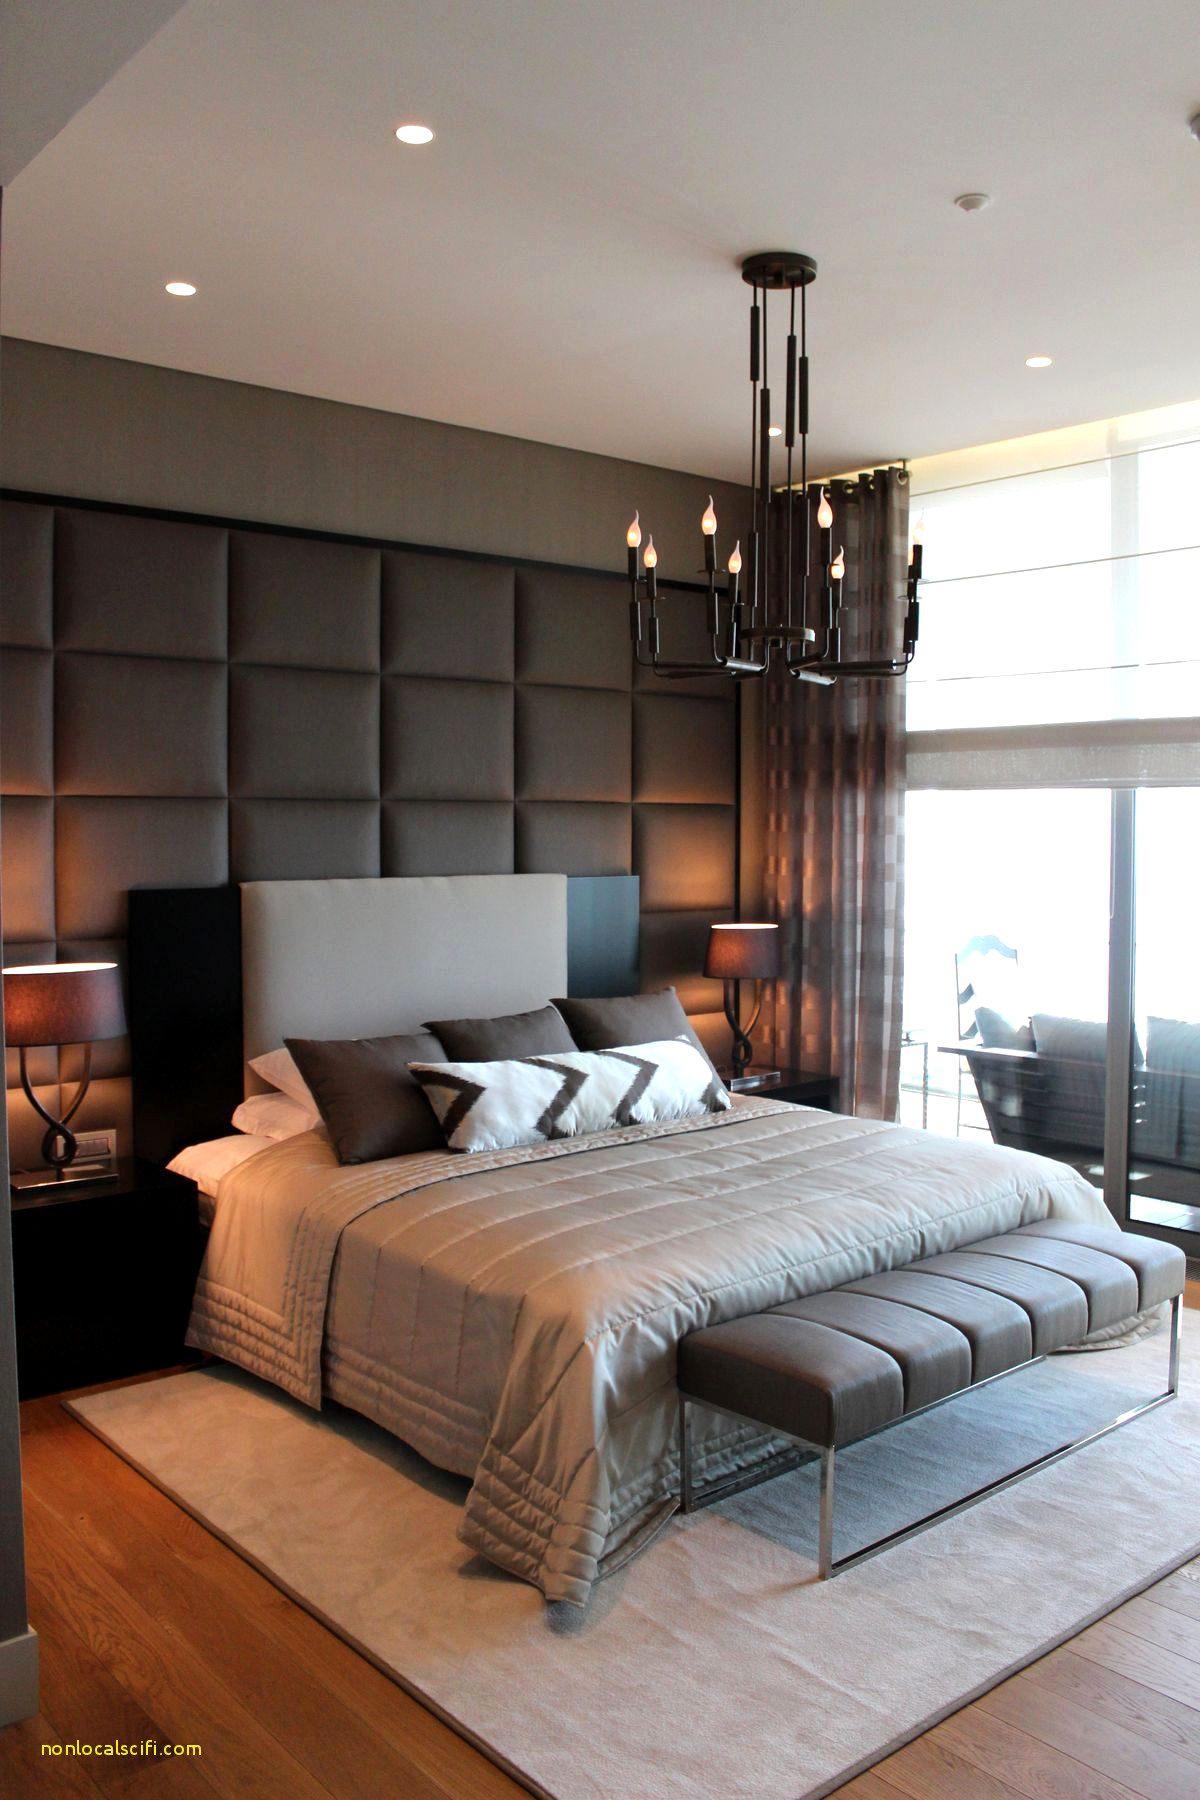 Lit Mezzanine Evolutif Le Luxe étourdissant Chambre Mezzanine Ado Sur Lit Mezzanine Design Lit